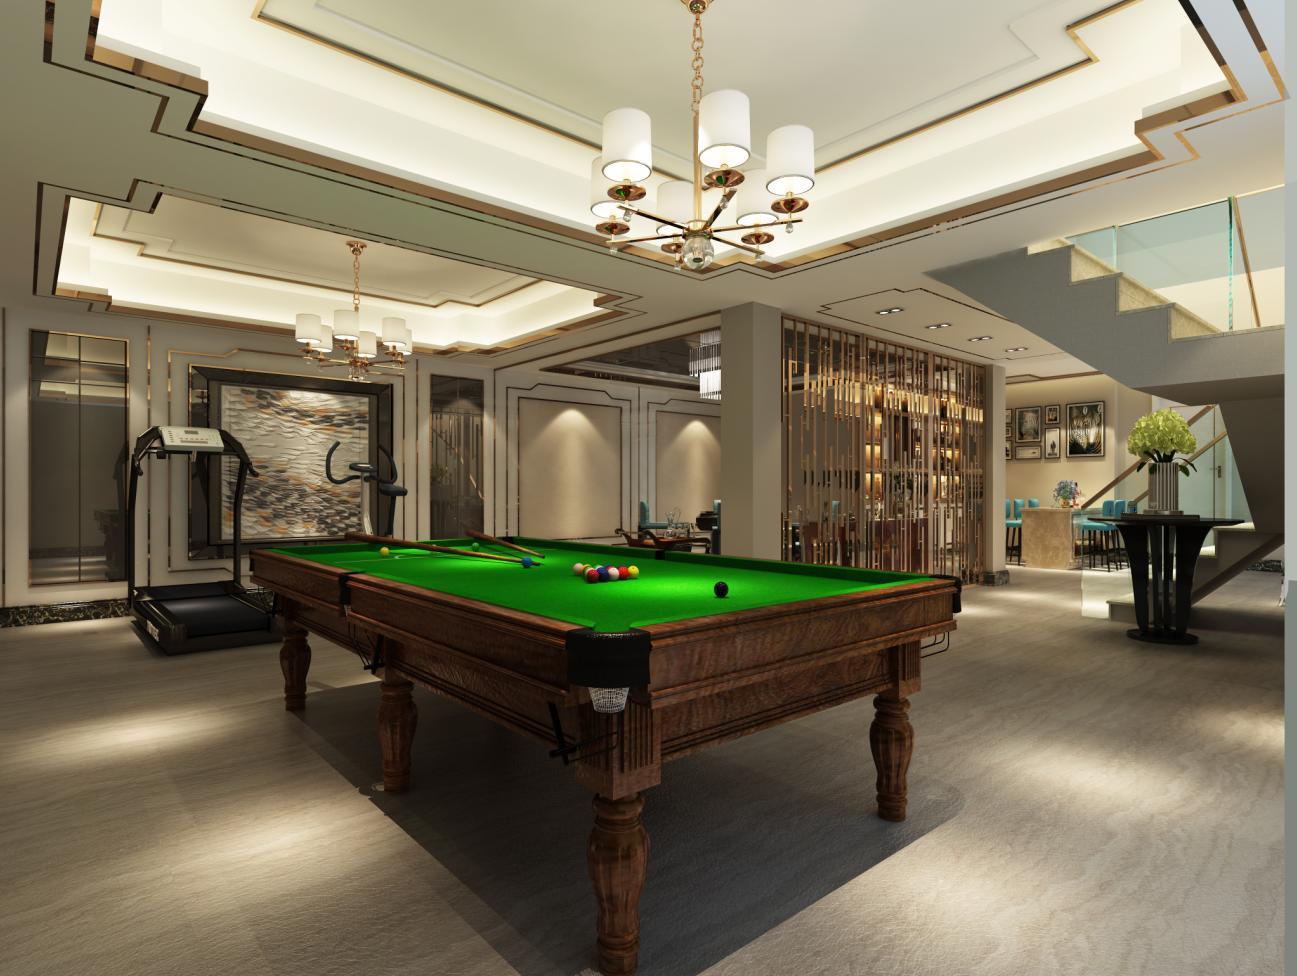 金地格林 白金院邸 别墅装修 新古典风格 腾龙设计 其他图片来自腾龙设计在金地格林白金院邸别墅设计项目的分享